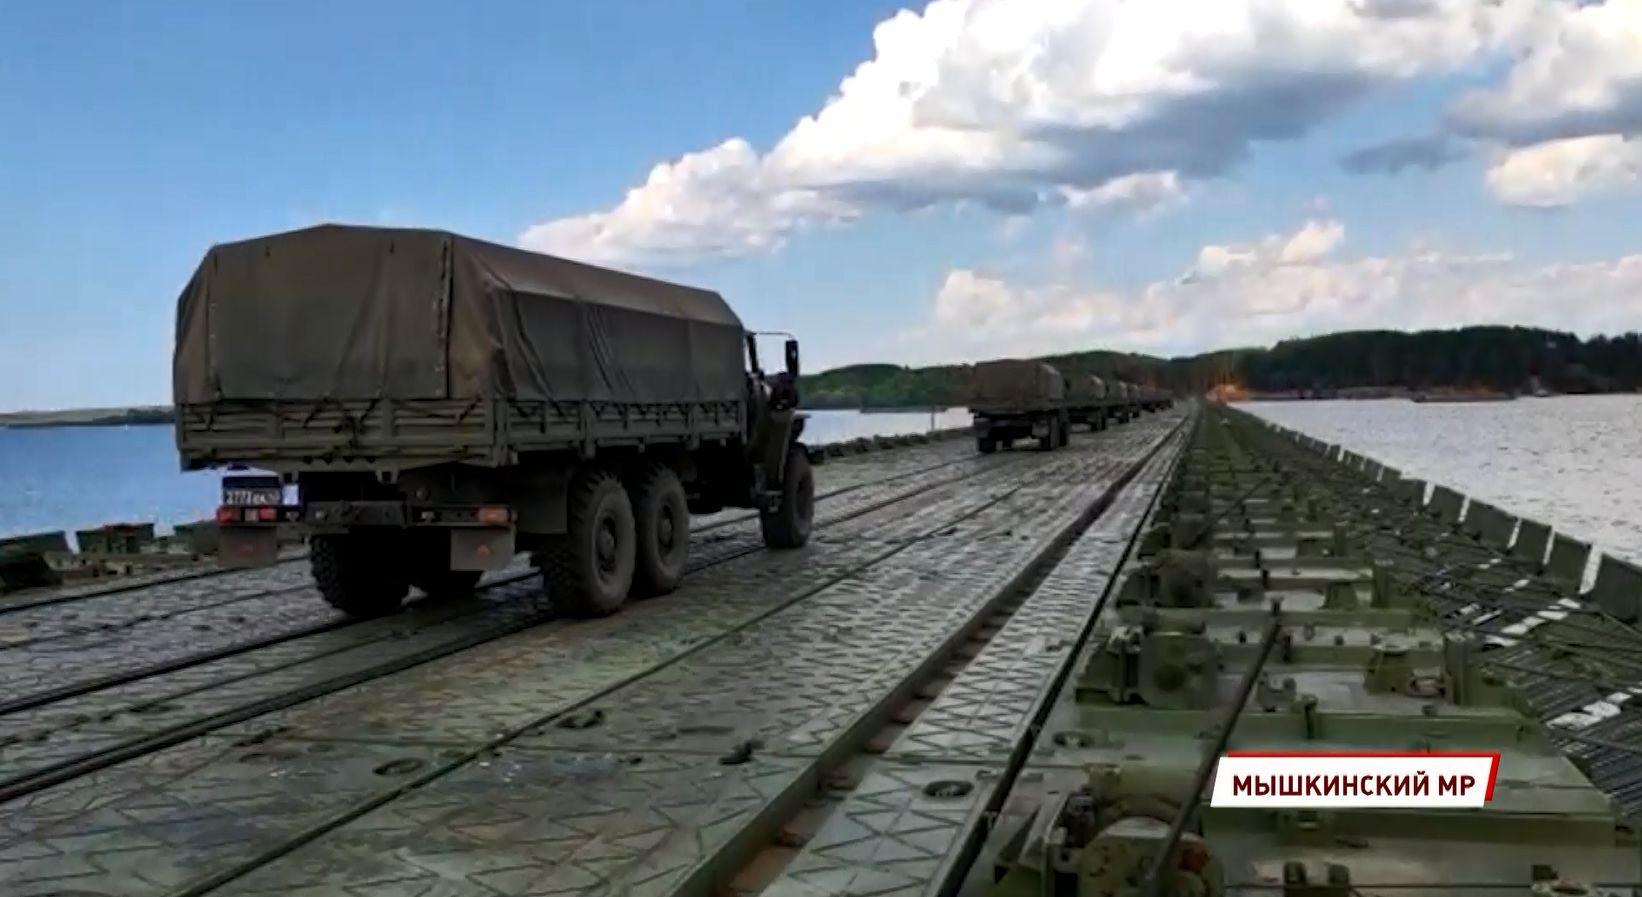 В Мышкинском районе Ярославской области состоялись занятия по боевой подготовке отдельного понтонно-мостового железнодорожного батальона